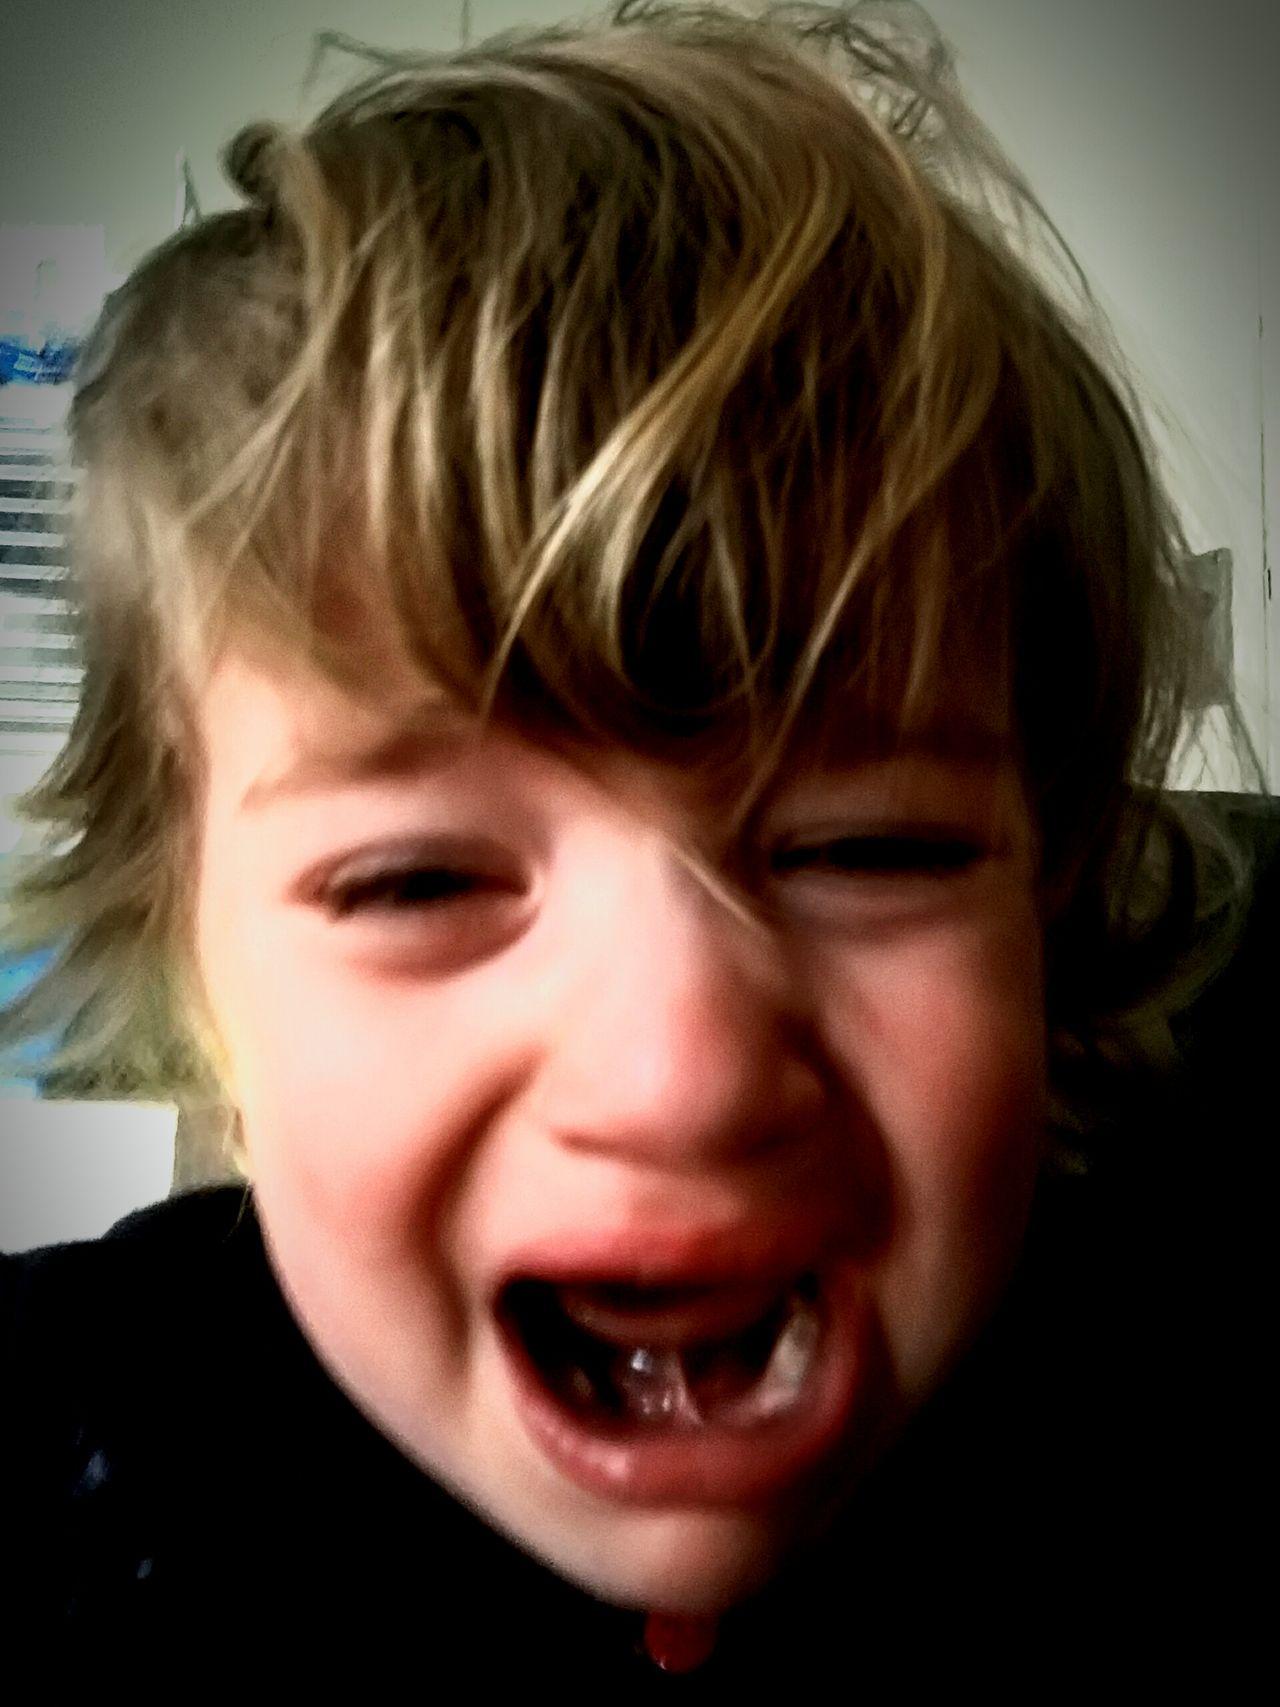 Girl Child Emotions Captured Emotion Crying Crying Child